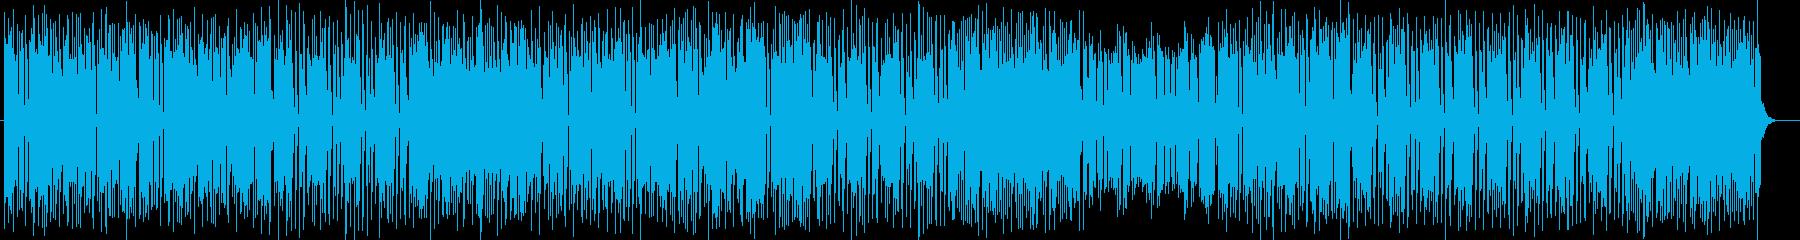 かわいらしくコミカルなミュージックの再生済みの波形